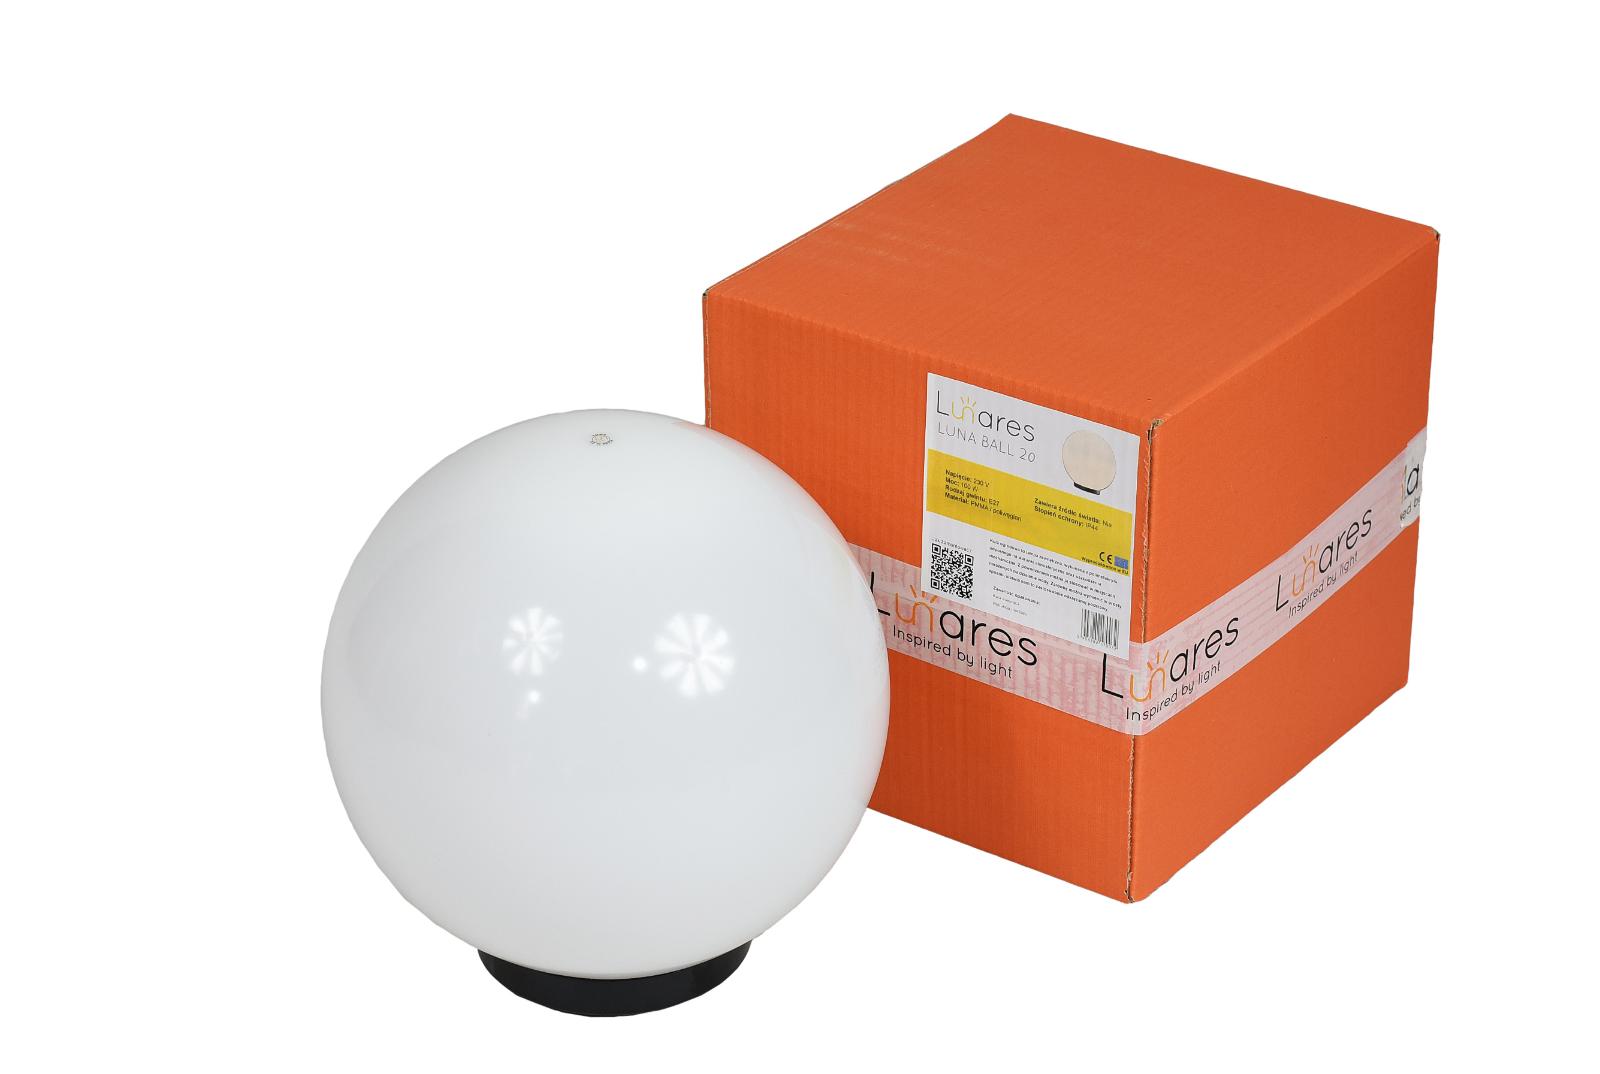 Globe Garten Luna Ball 40 cm weiß Kugelleuchte DekolampeDekokugel DekolampeDekokugel DekolampeDekokugel Mond Terrasse | Haltbarer Service  | Attraktives Aussehen  | ein guter Ruf in der Welt  af19df